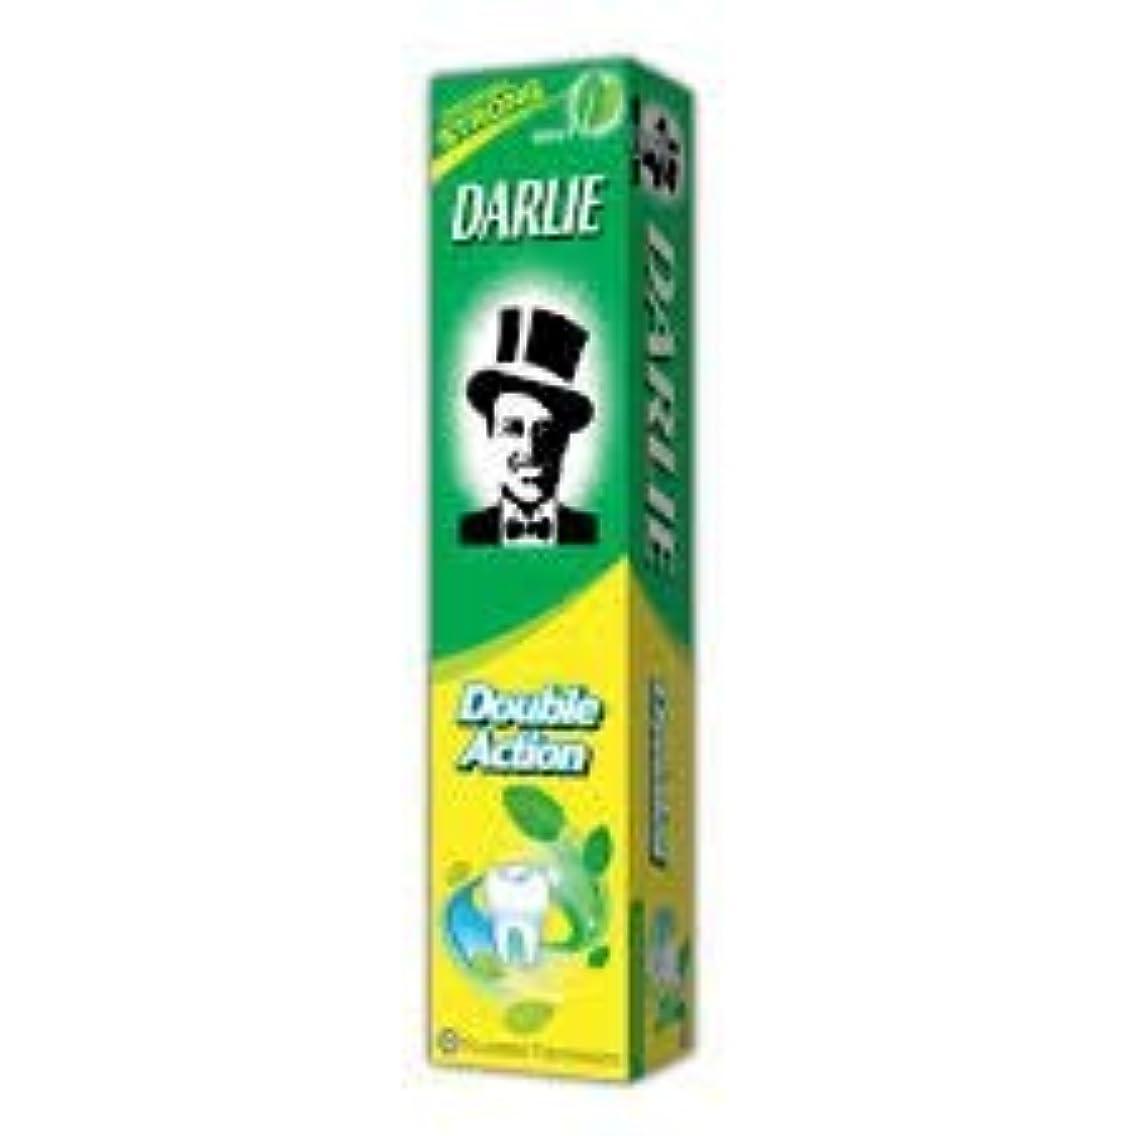 読みやすい熱心な作りますDARLIE 歯磨き粉ジャンボ 250g-12 時間のためのより長く持続する新鮮な息を与える-効果的に経口細菌を減少させます